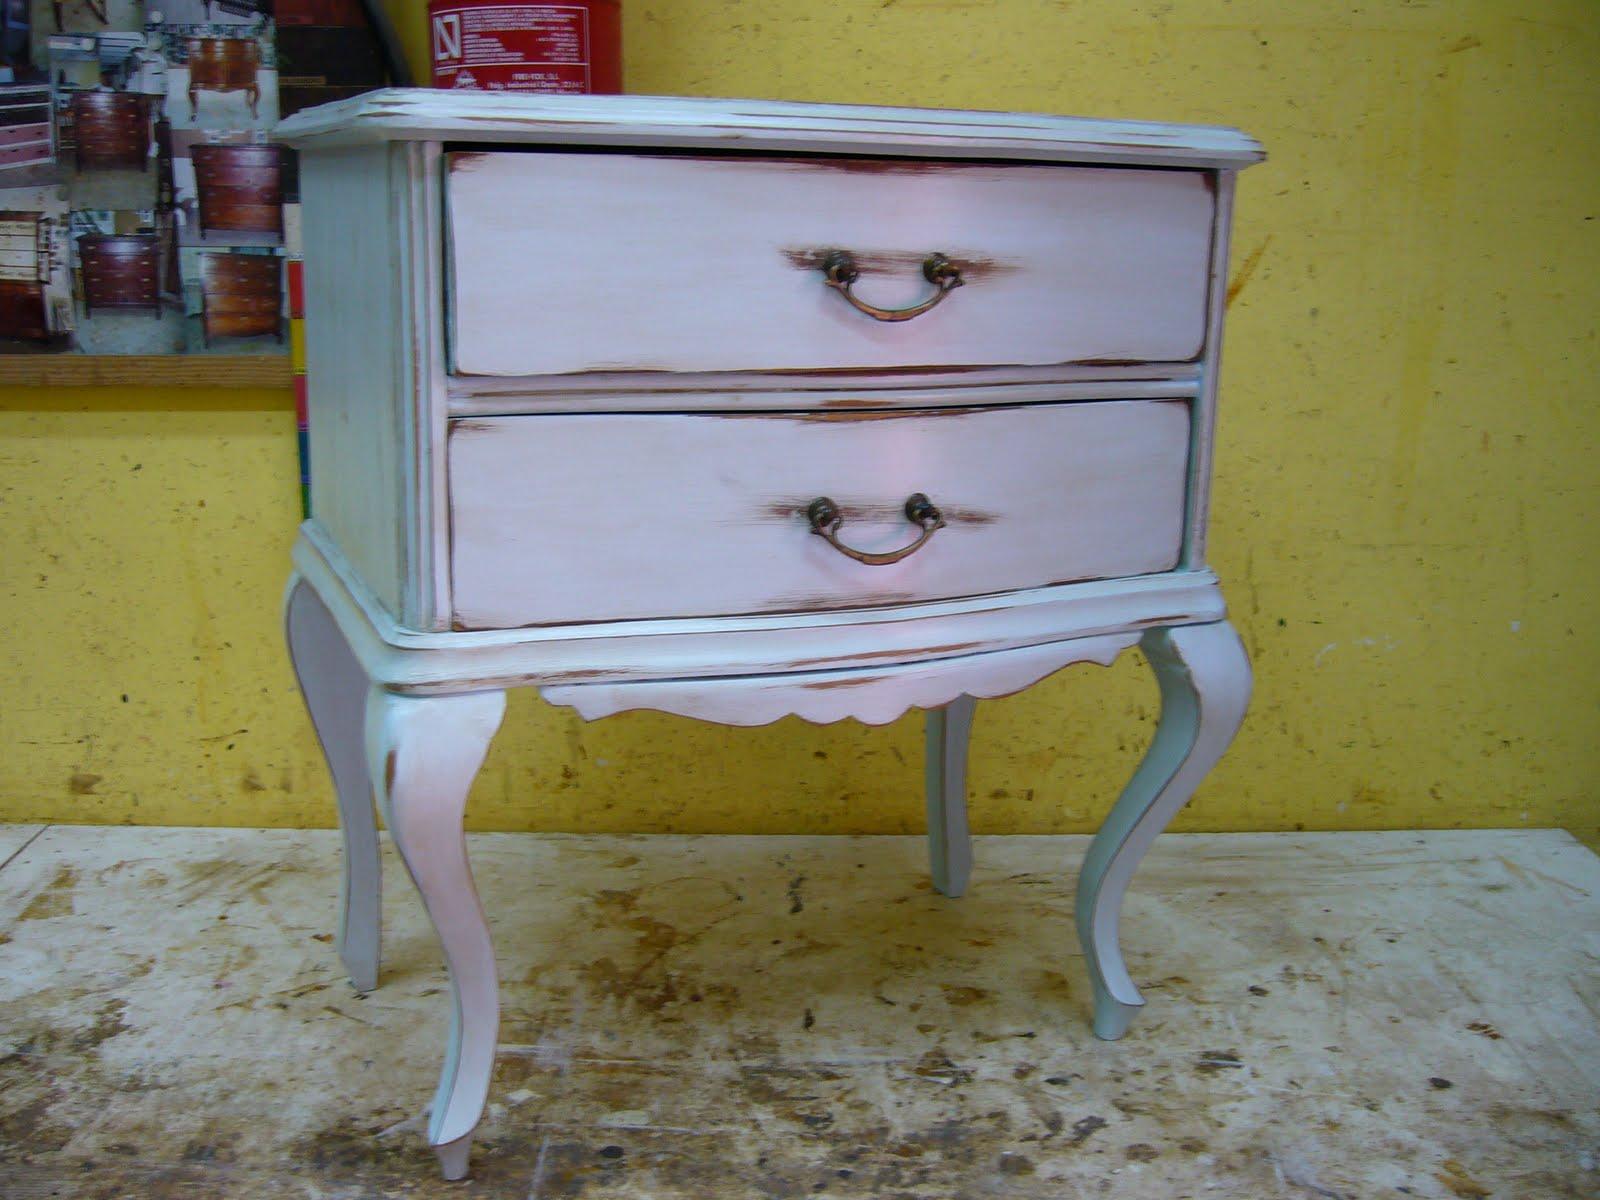 Pintar Mueble Azul Envejecido Beautiful Aparador Pintado Con  # Muebles Efecto Desgastado